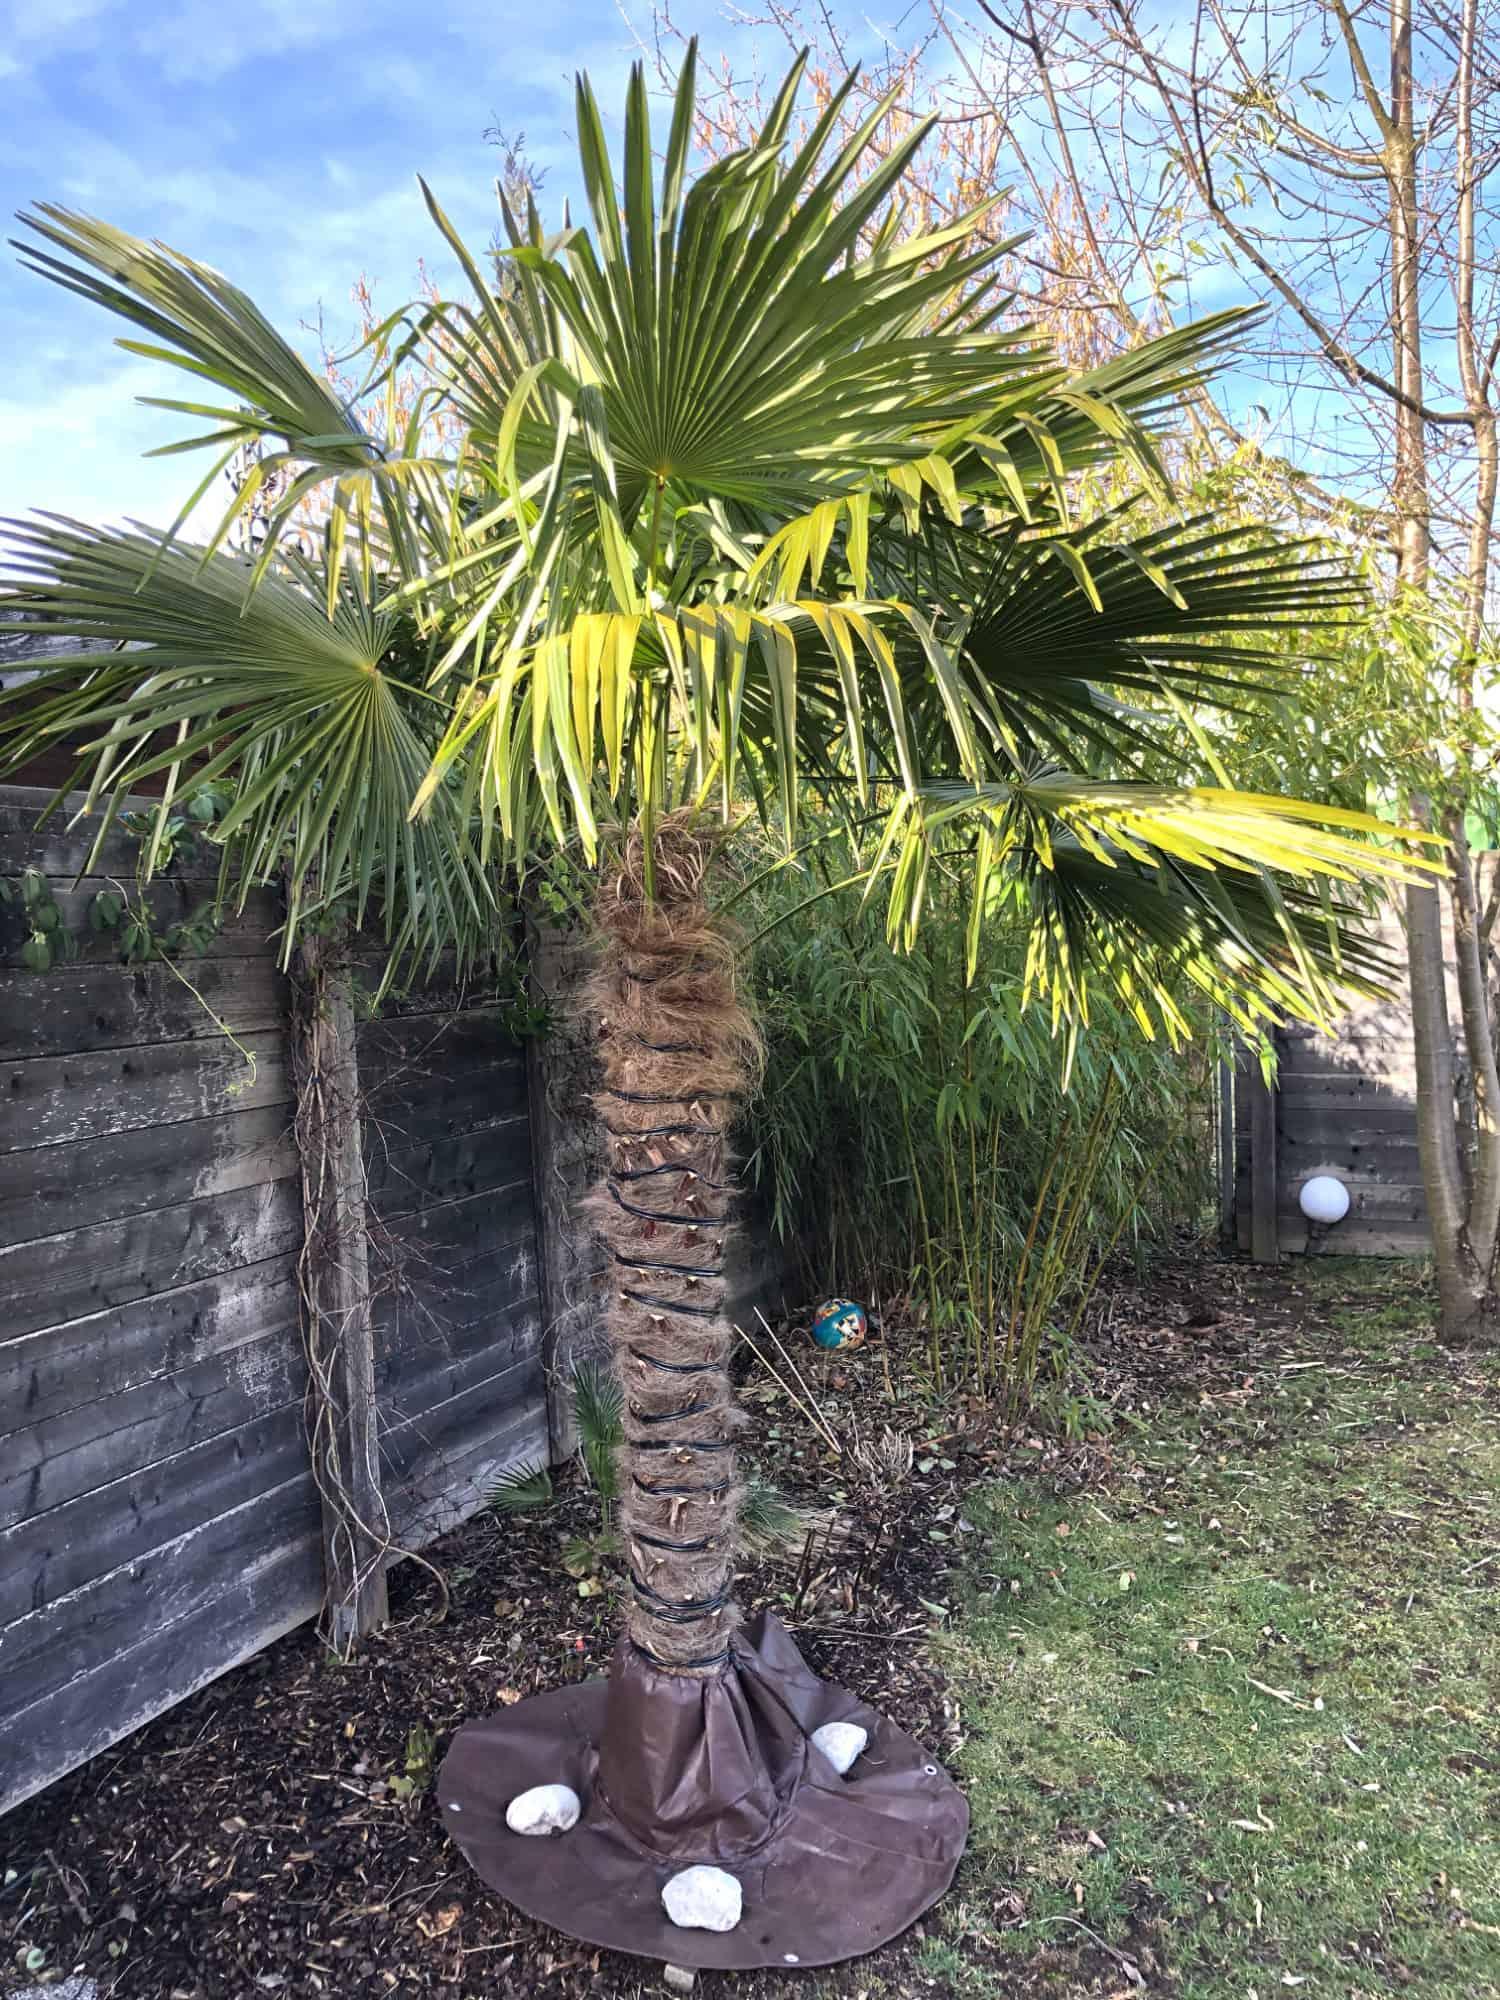 20-02-Trachycarpus Fortunei 01